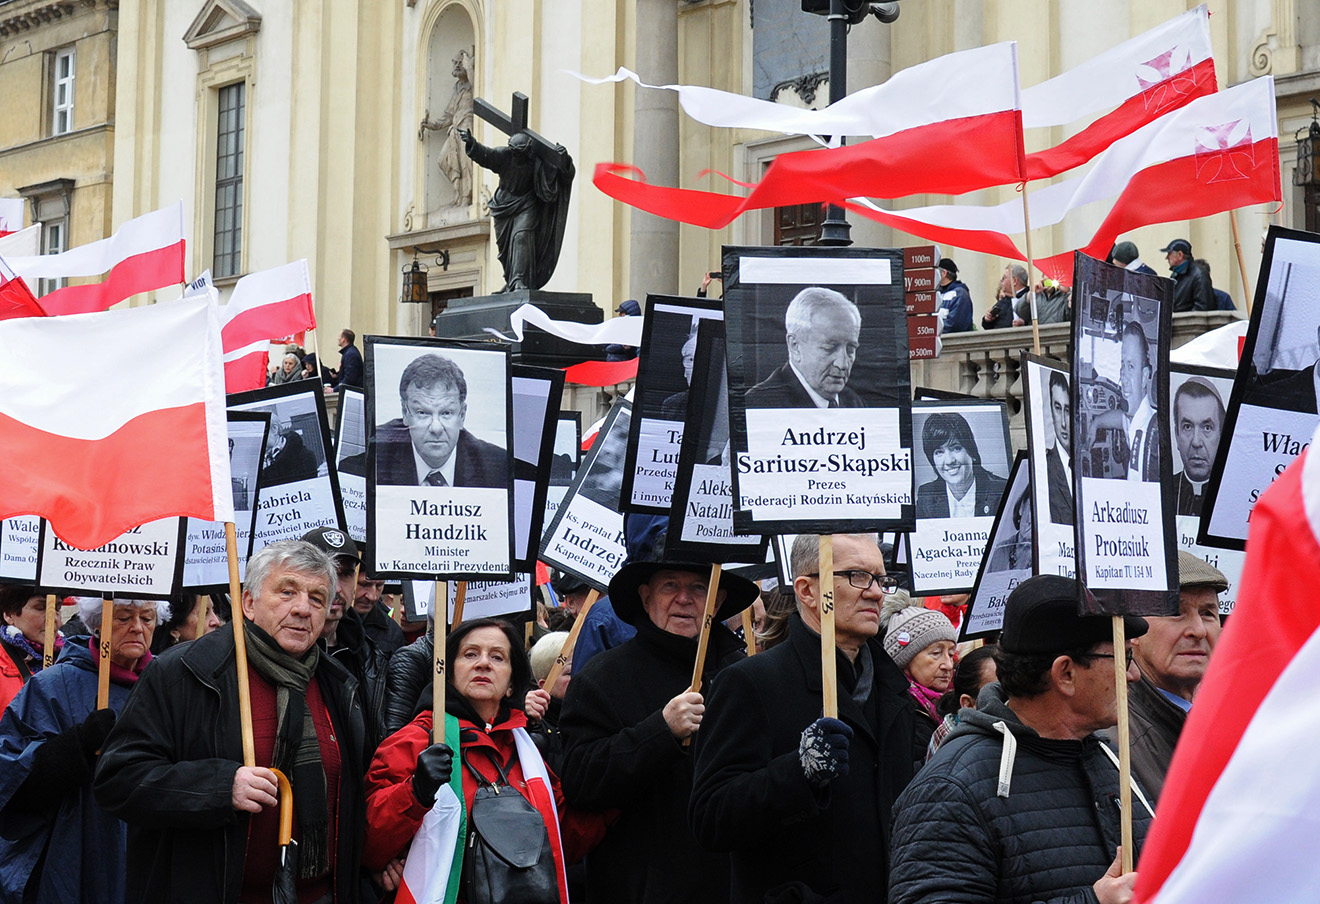 Шествие в память о жертвах авиакатастрофы президентского самолета, Варшава, 2010 год. Фото: Alik Keplicz / AP / East News